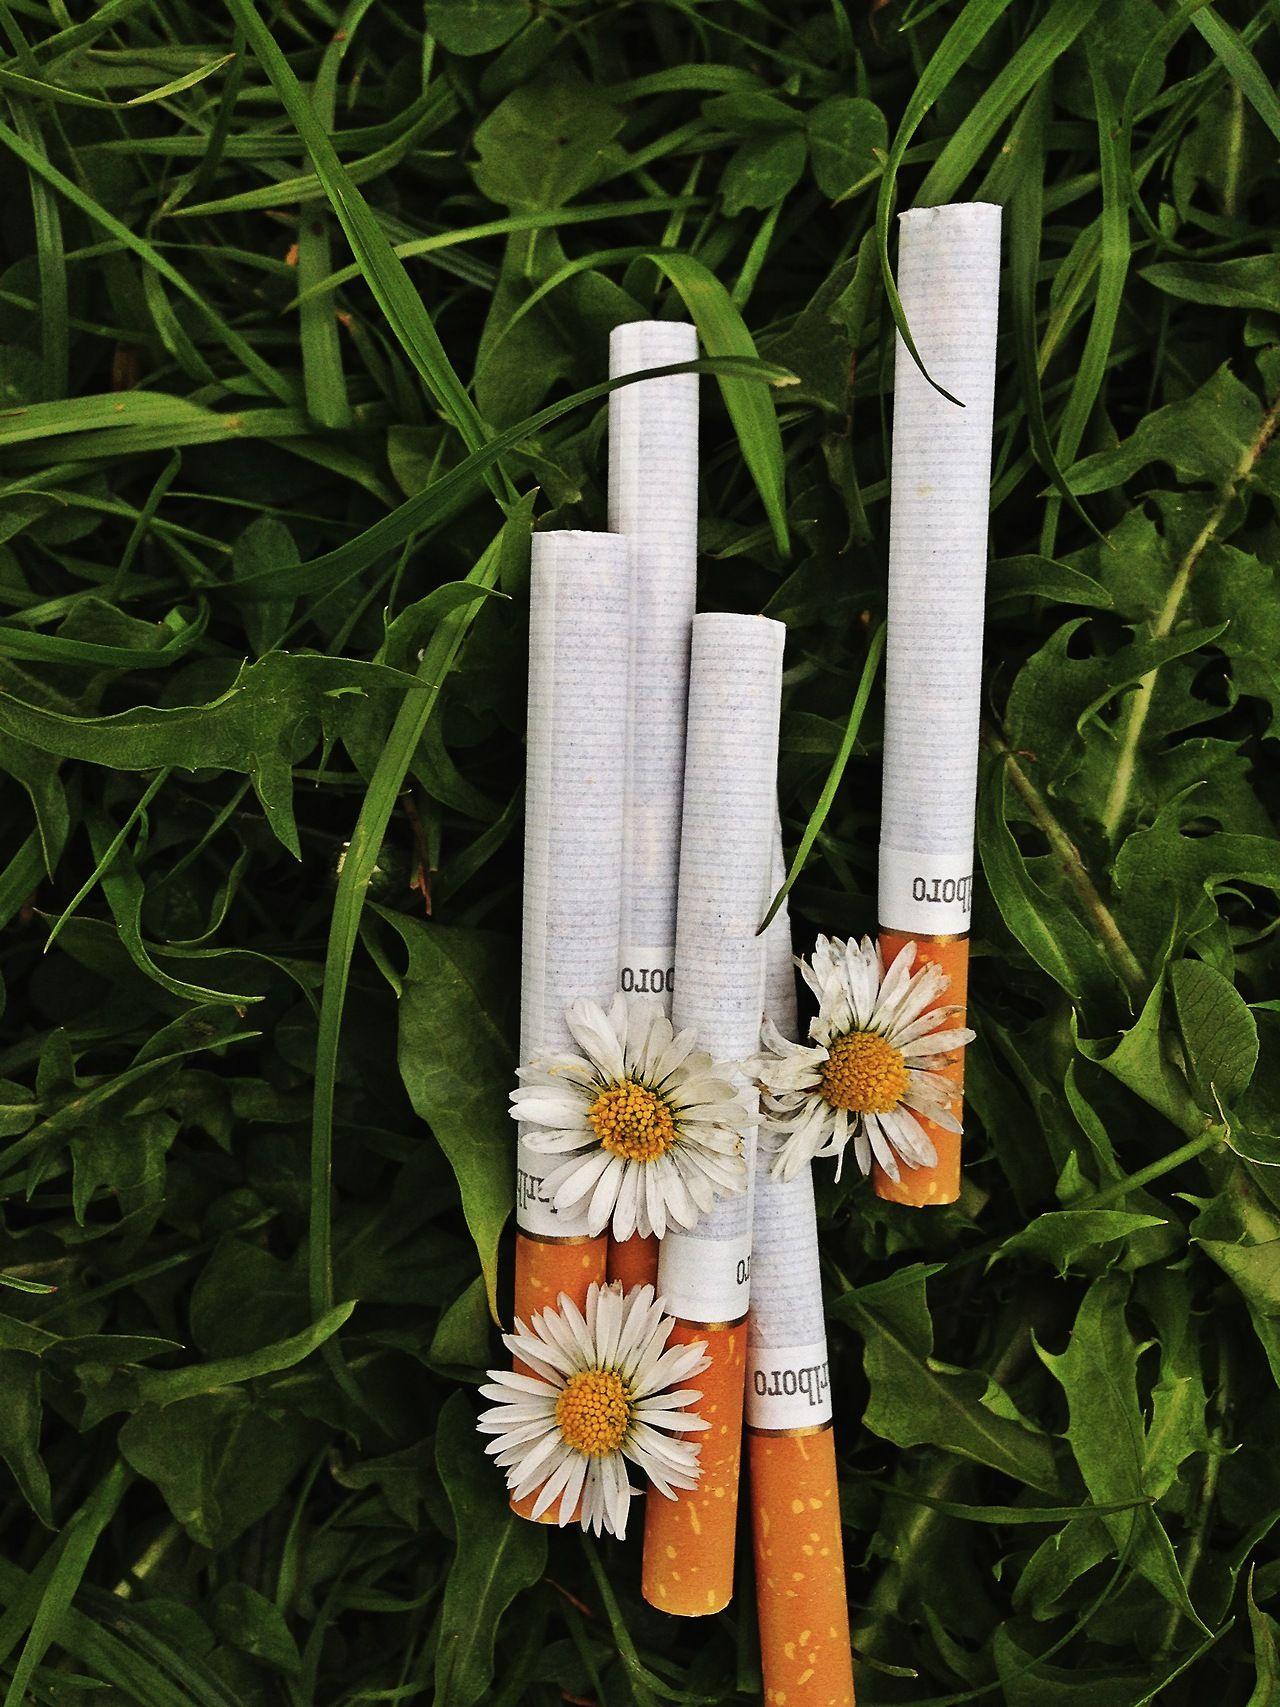 этих топовые сигареты картинки окутала